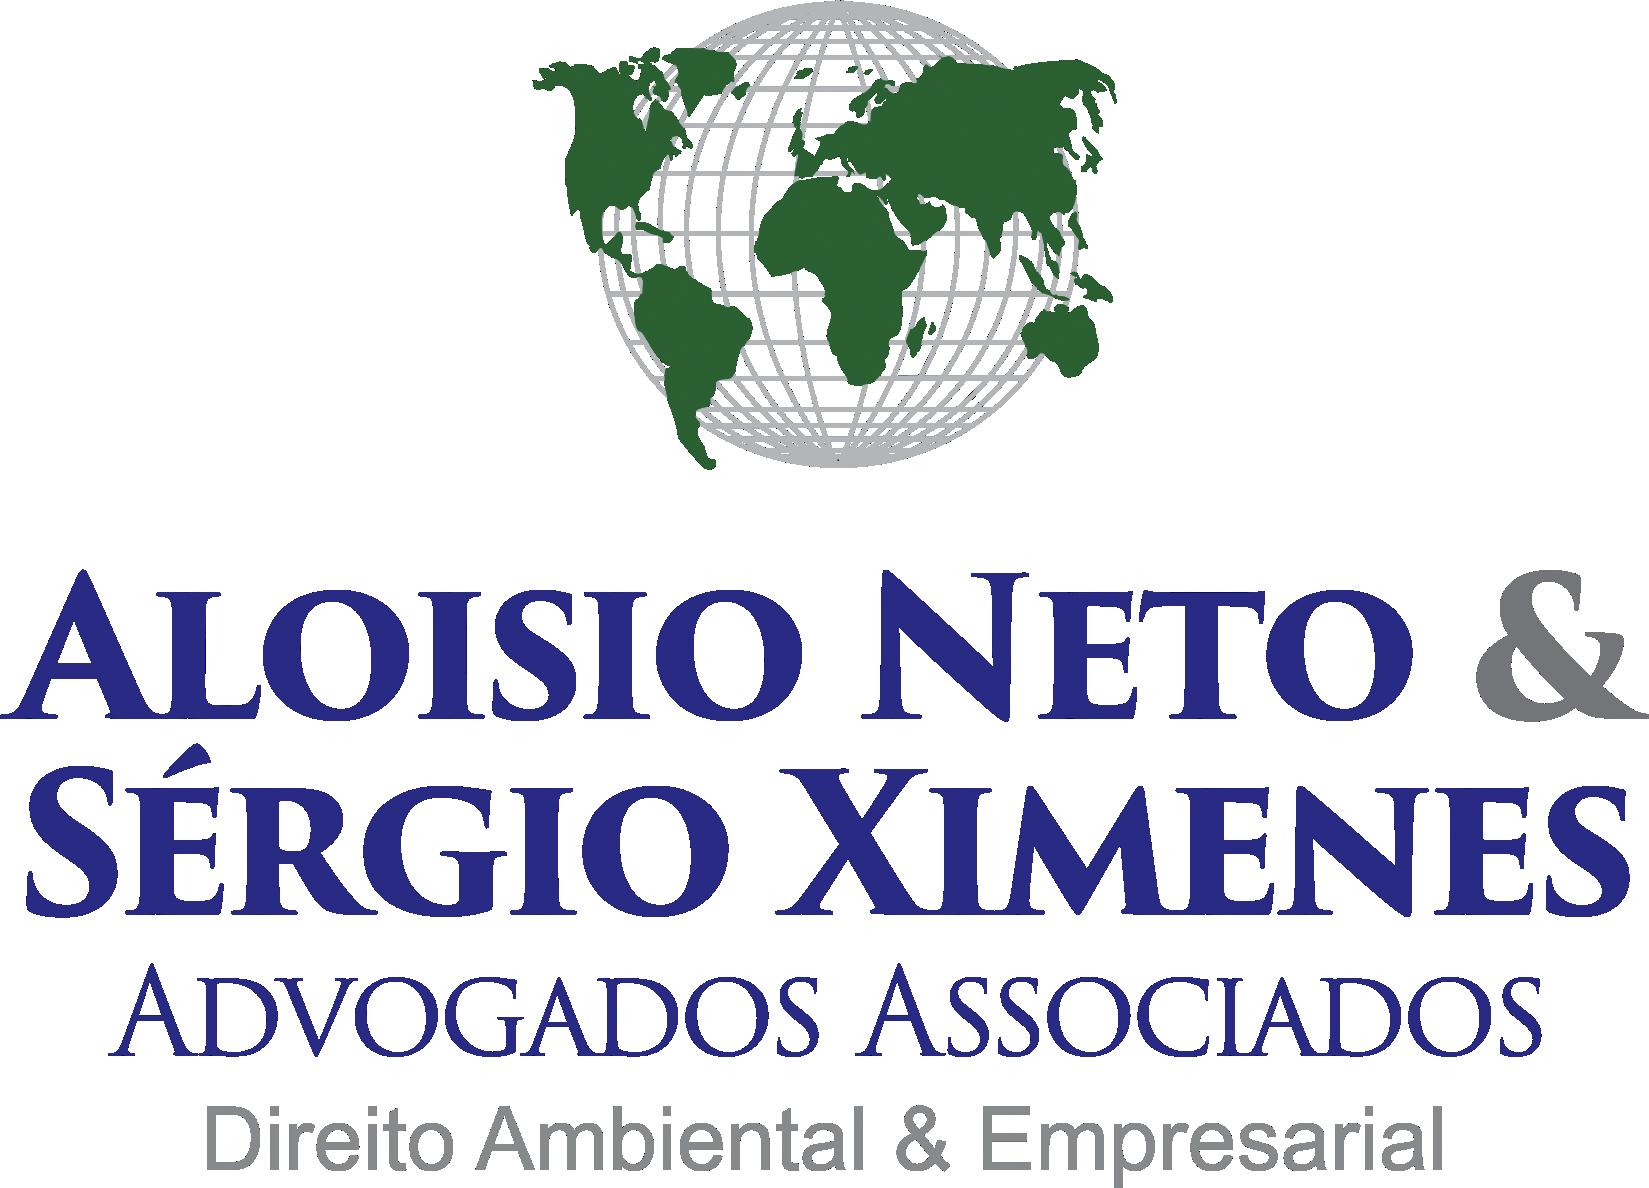 .: Aloisio Neto & Sérgio Ximenes Advogados Associados :.